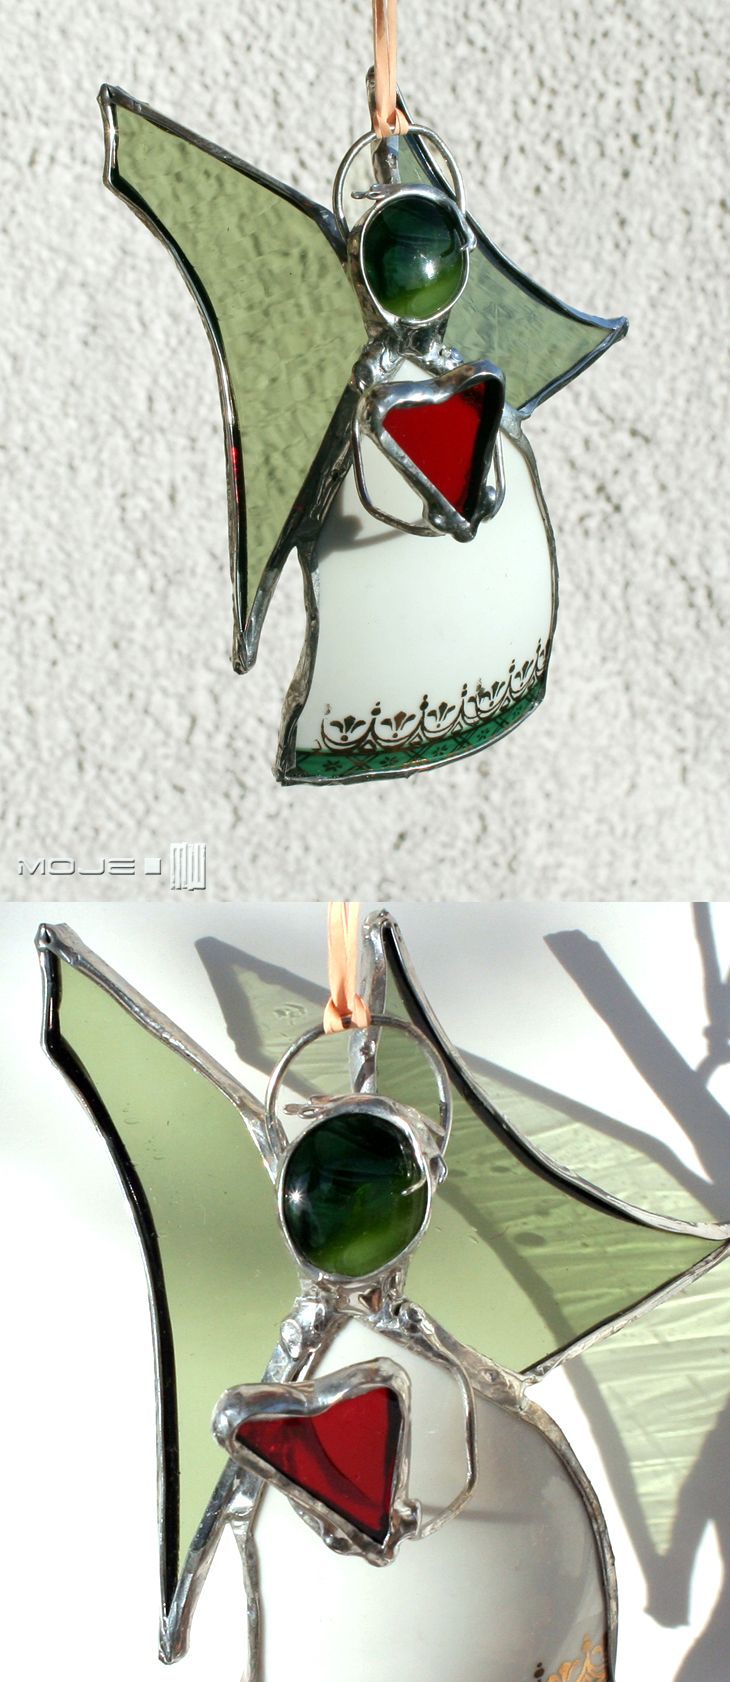 Anioł / Angel. Witraż Tiffany. Glass. Glass Angel. Serce / Heart. Moje MW